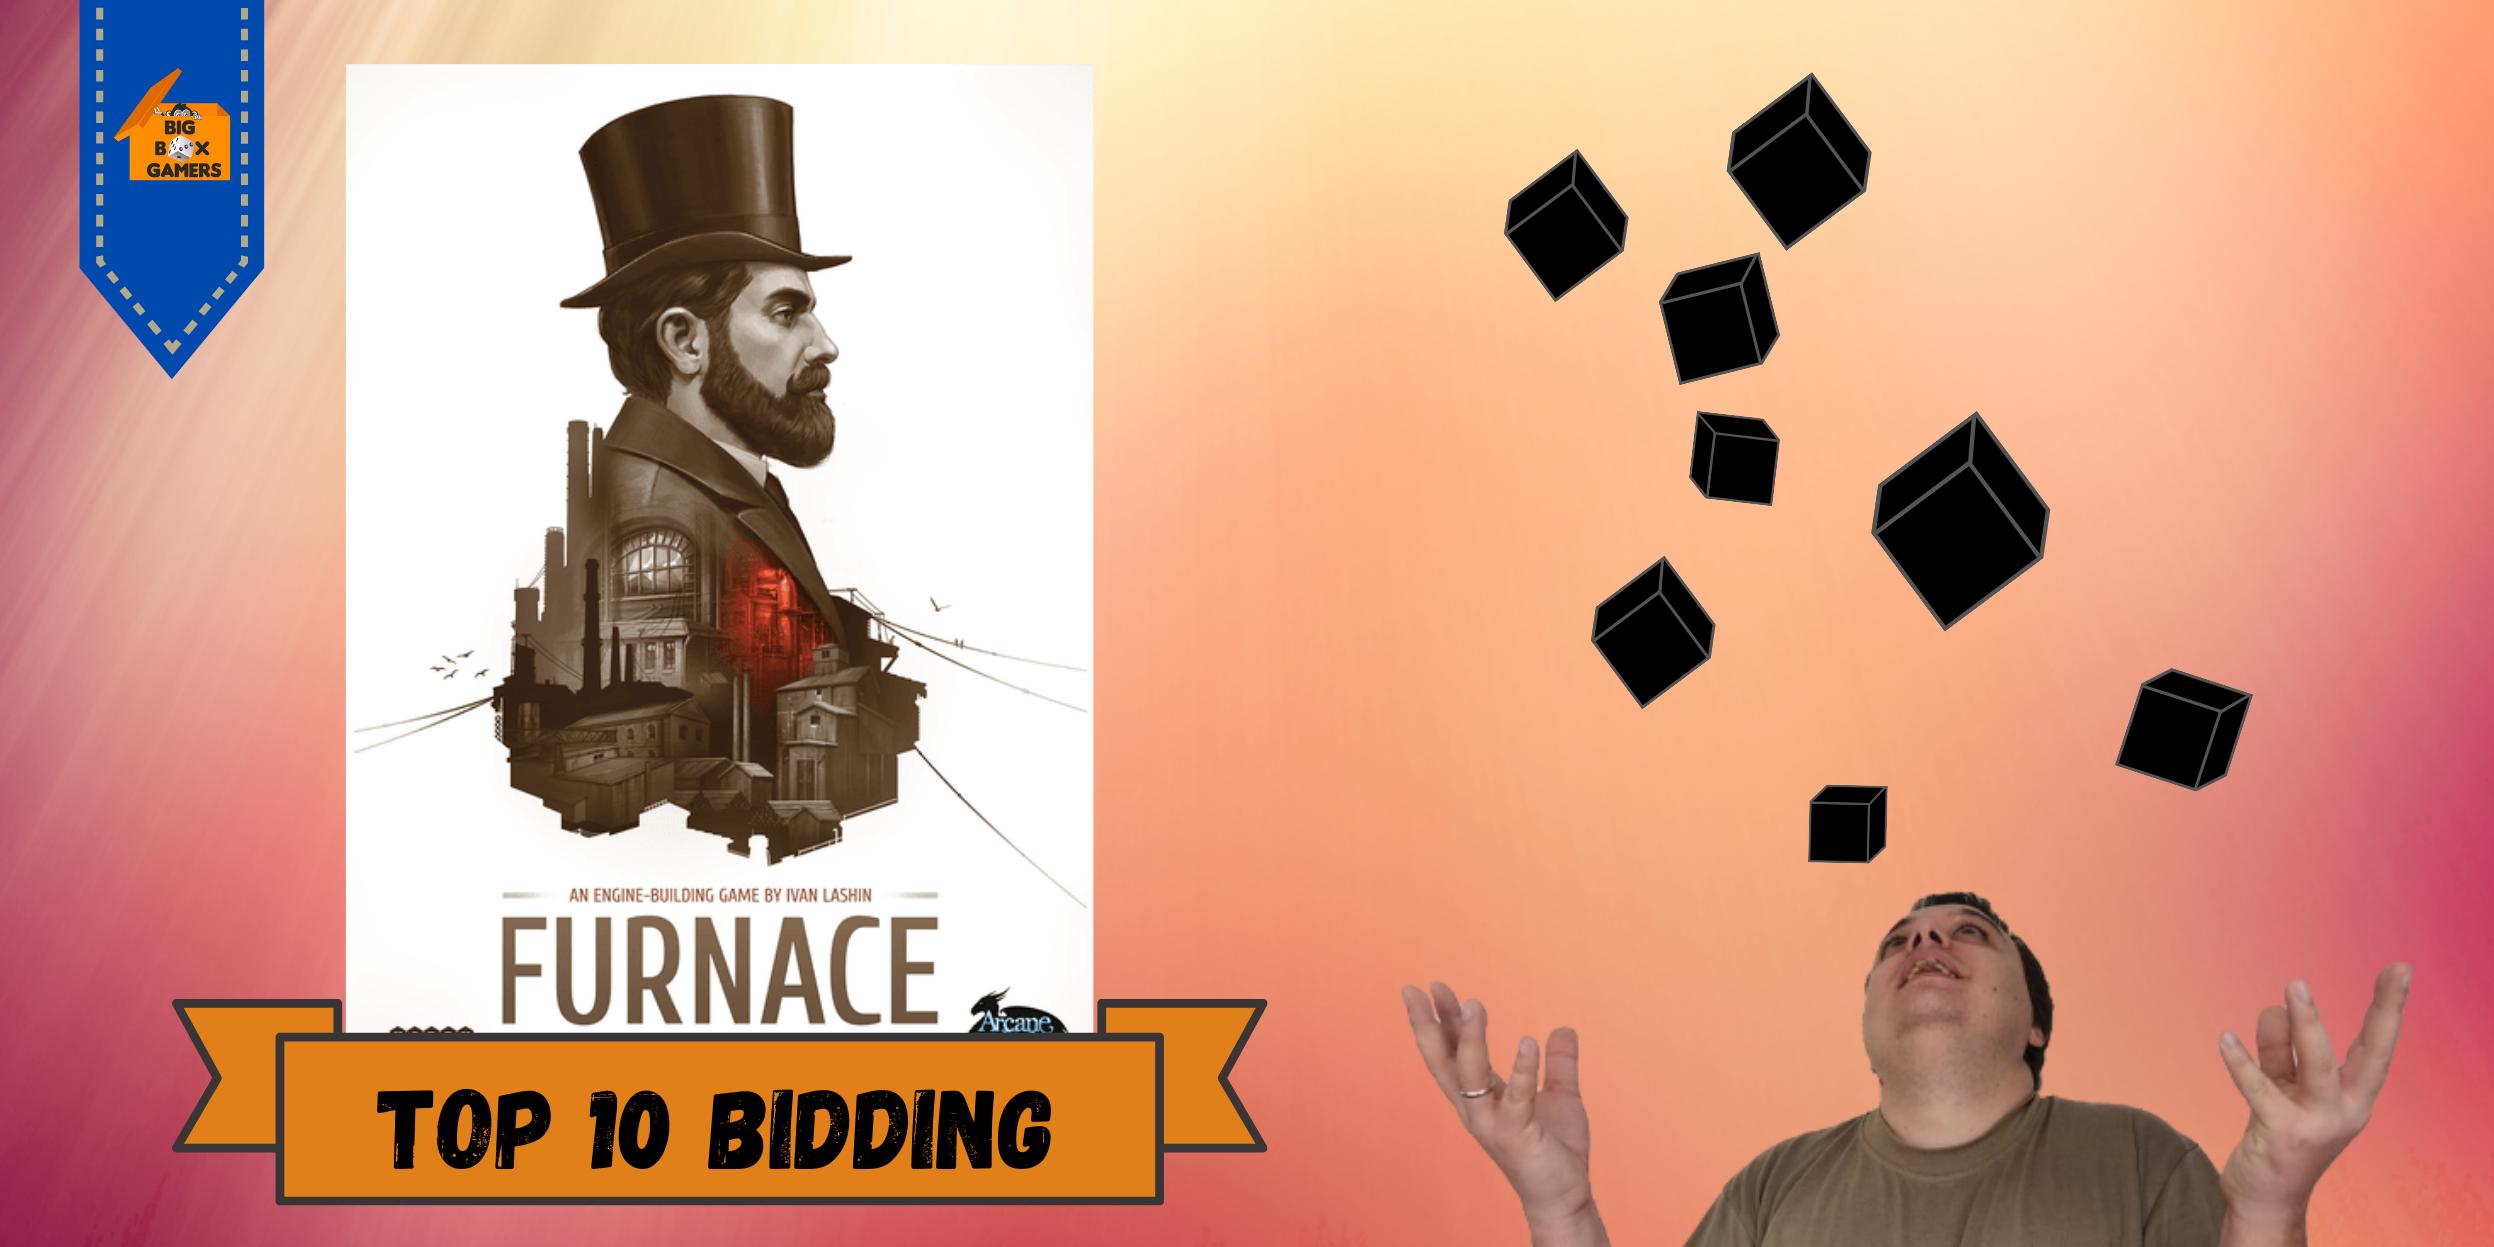 Furnace – Понякога темата само пречи